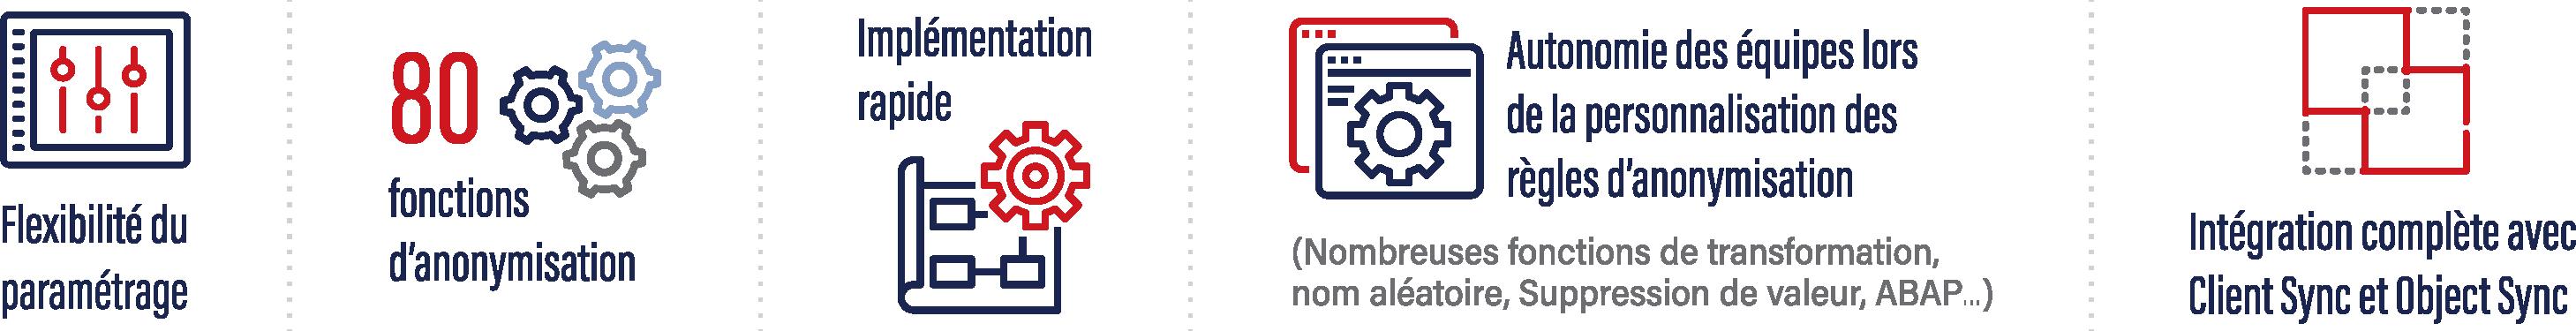 Après une implémentation en 5 jours réussie, les équipes internes SNOP sont totalement autonomes dans l'anonymisation des données des systèmes non-productifs SAP.